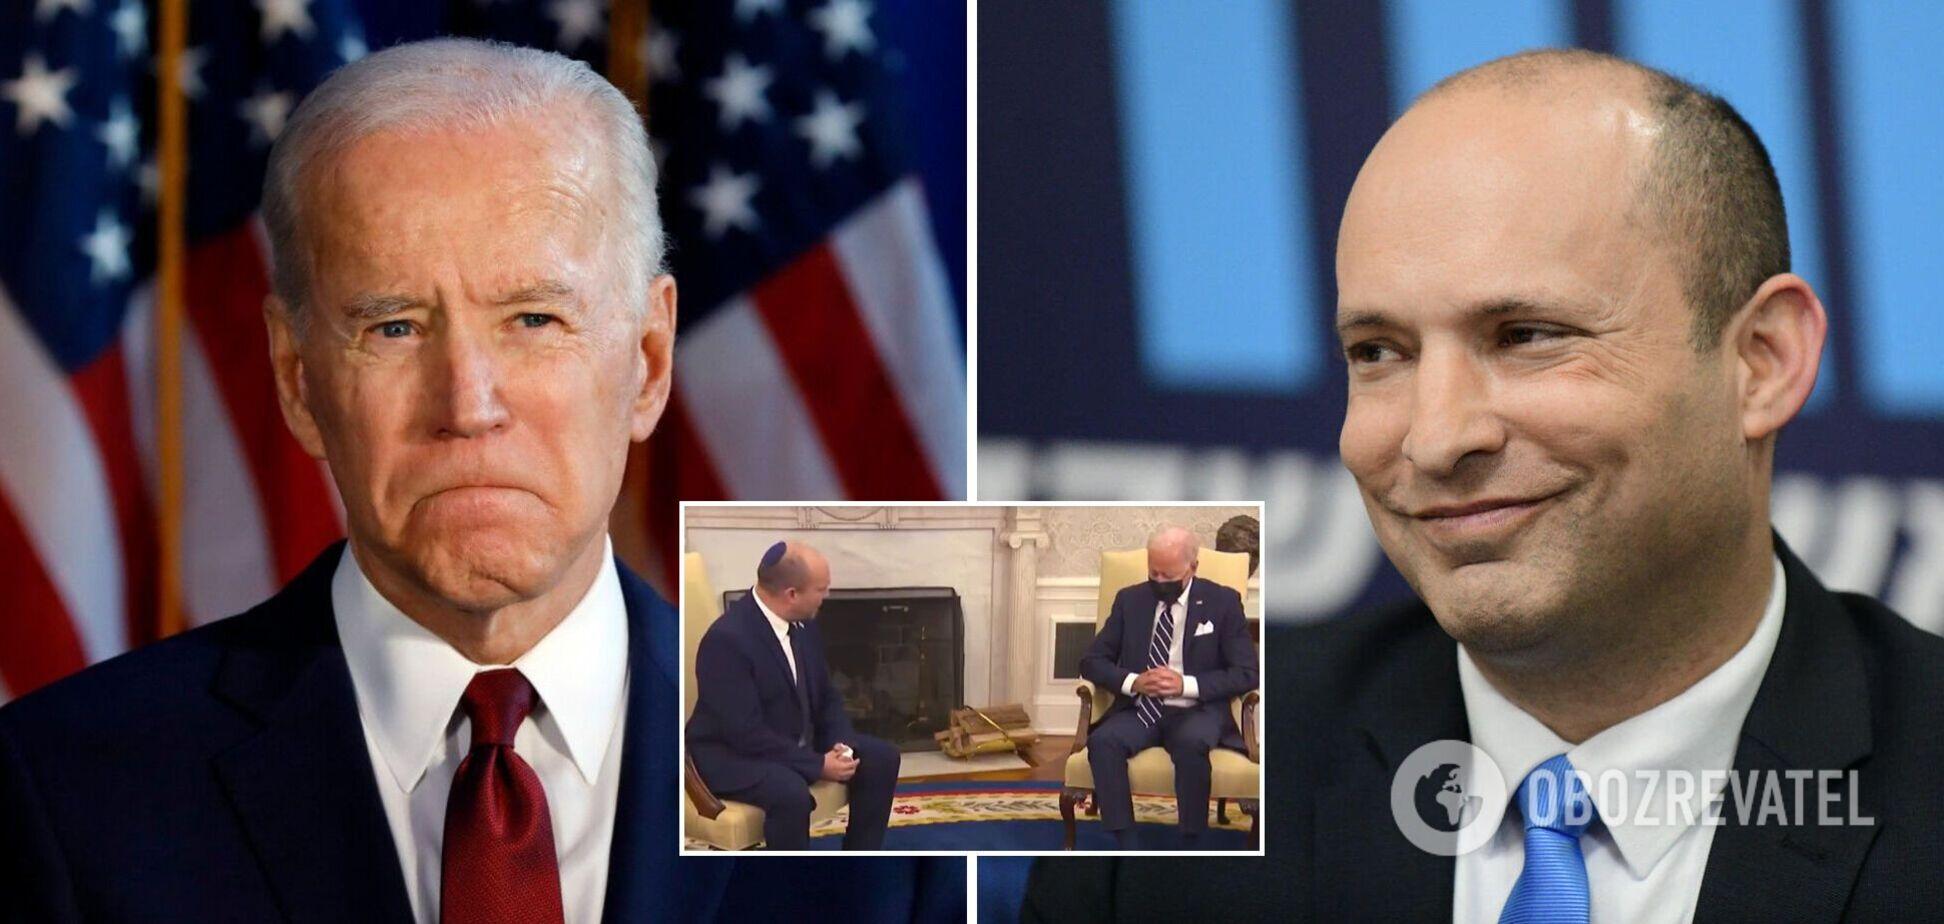 Байден уснул: в сети запустили фейк о встрече президента США с премьером Израиля